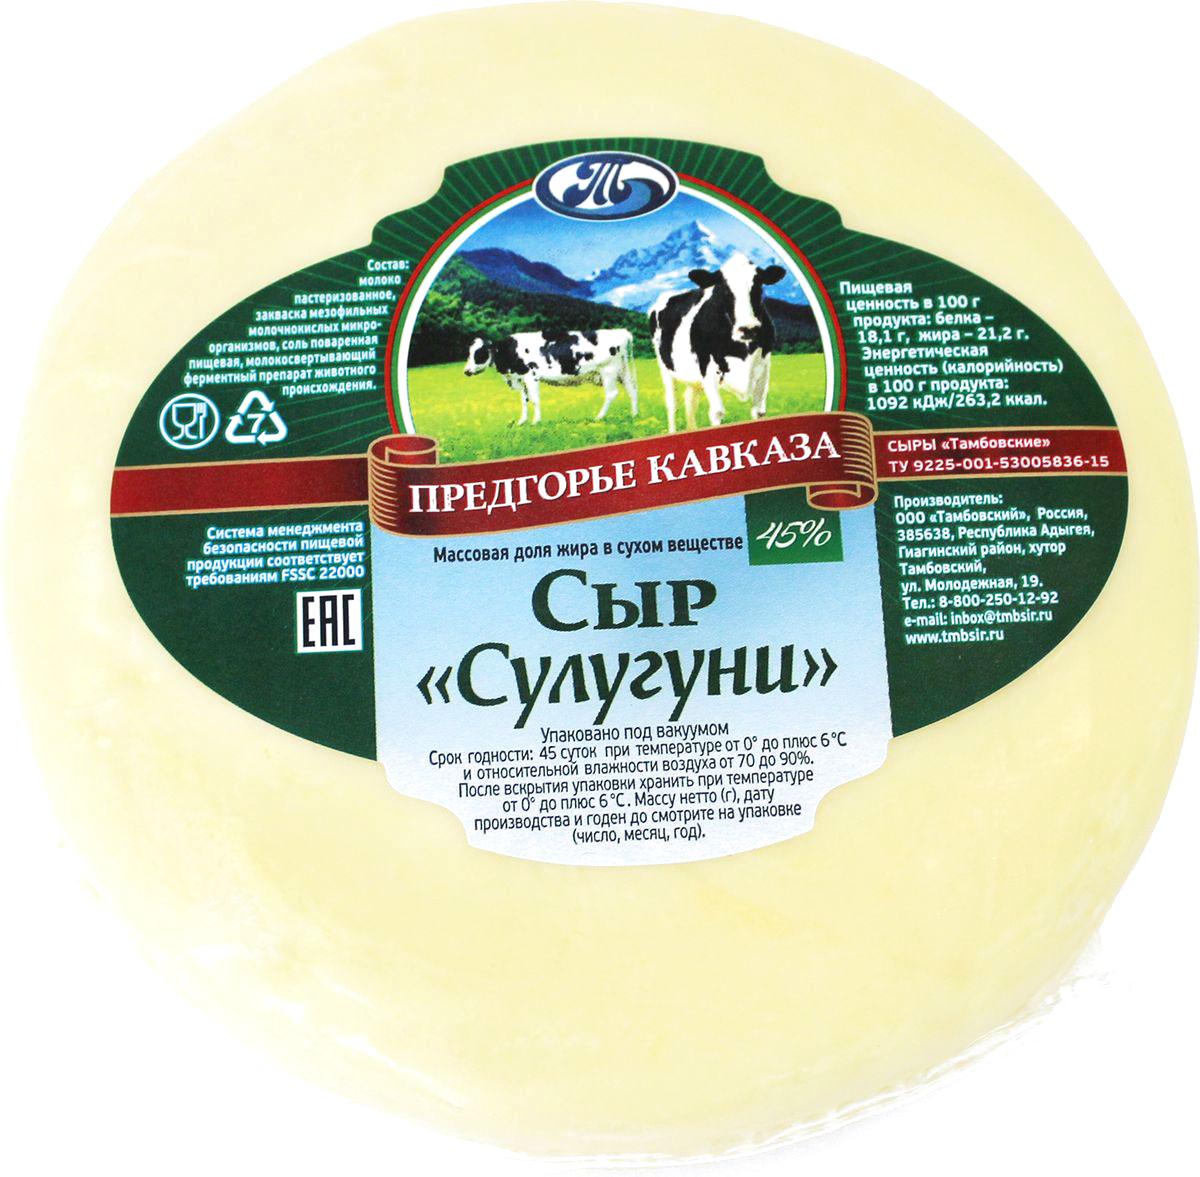 Предгорье Кавказа Сыр Сулугуни, 45%, 300 г боглачев с первые фотографы кавказа